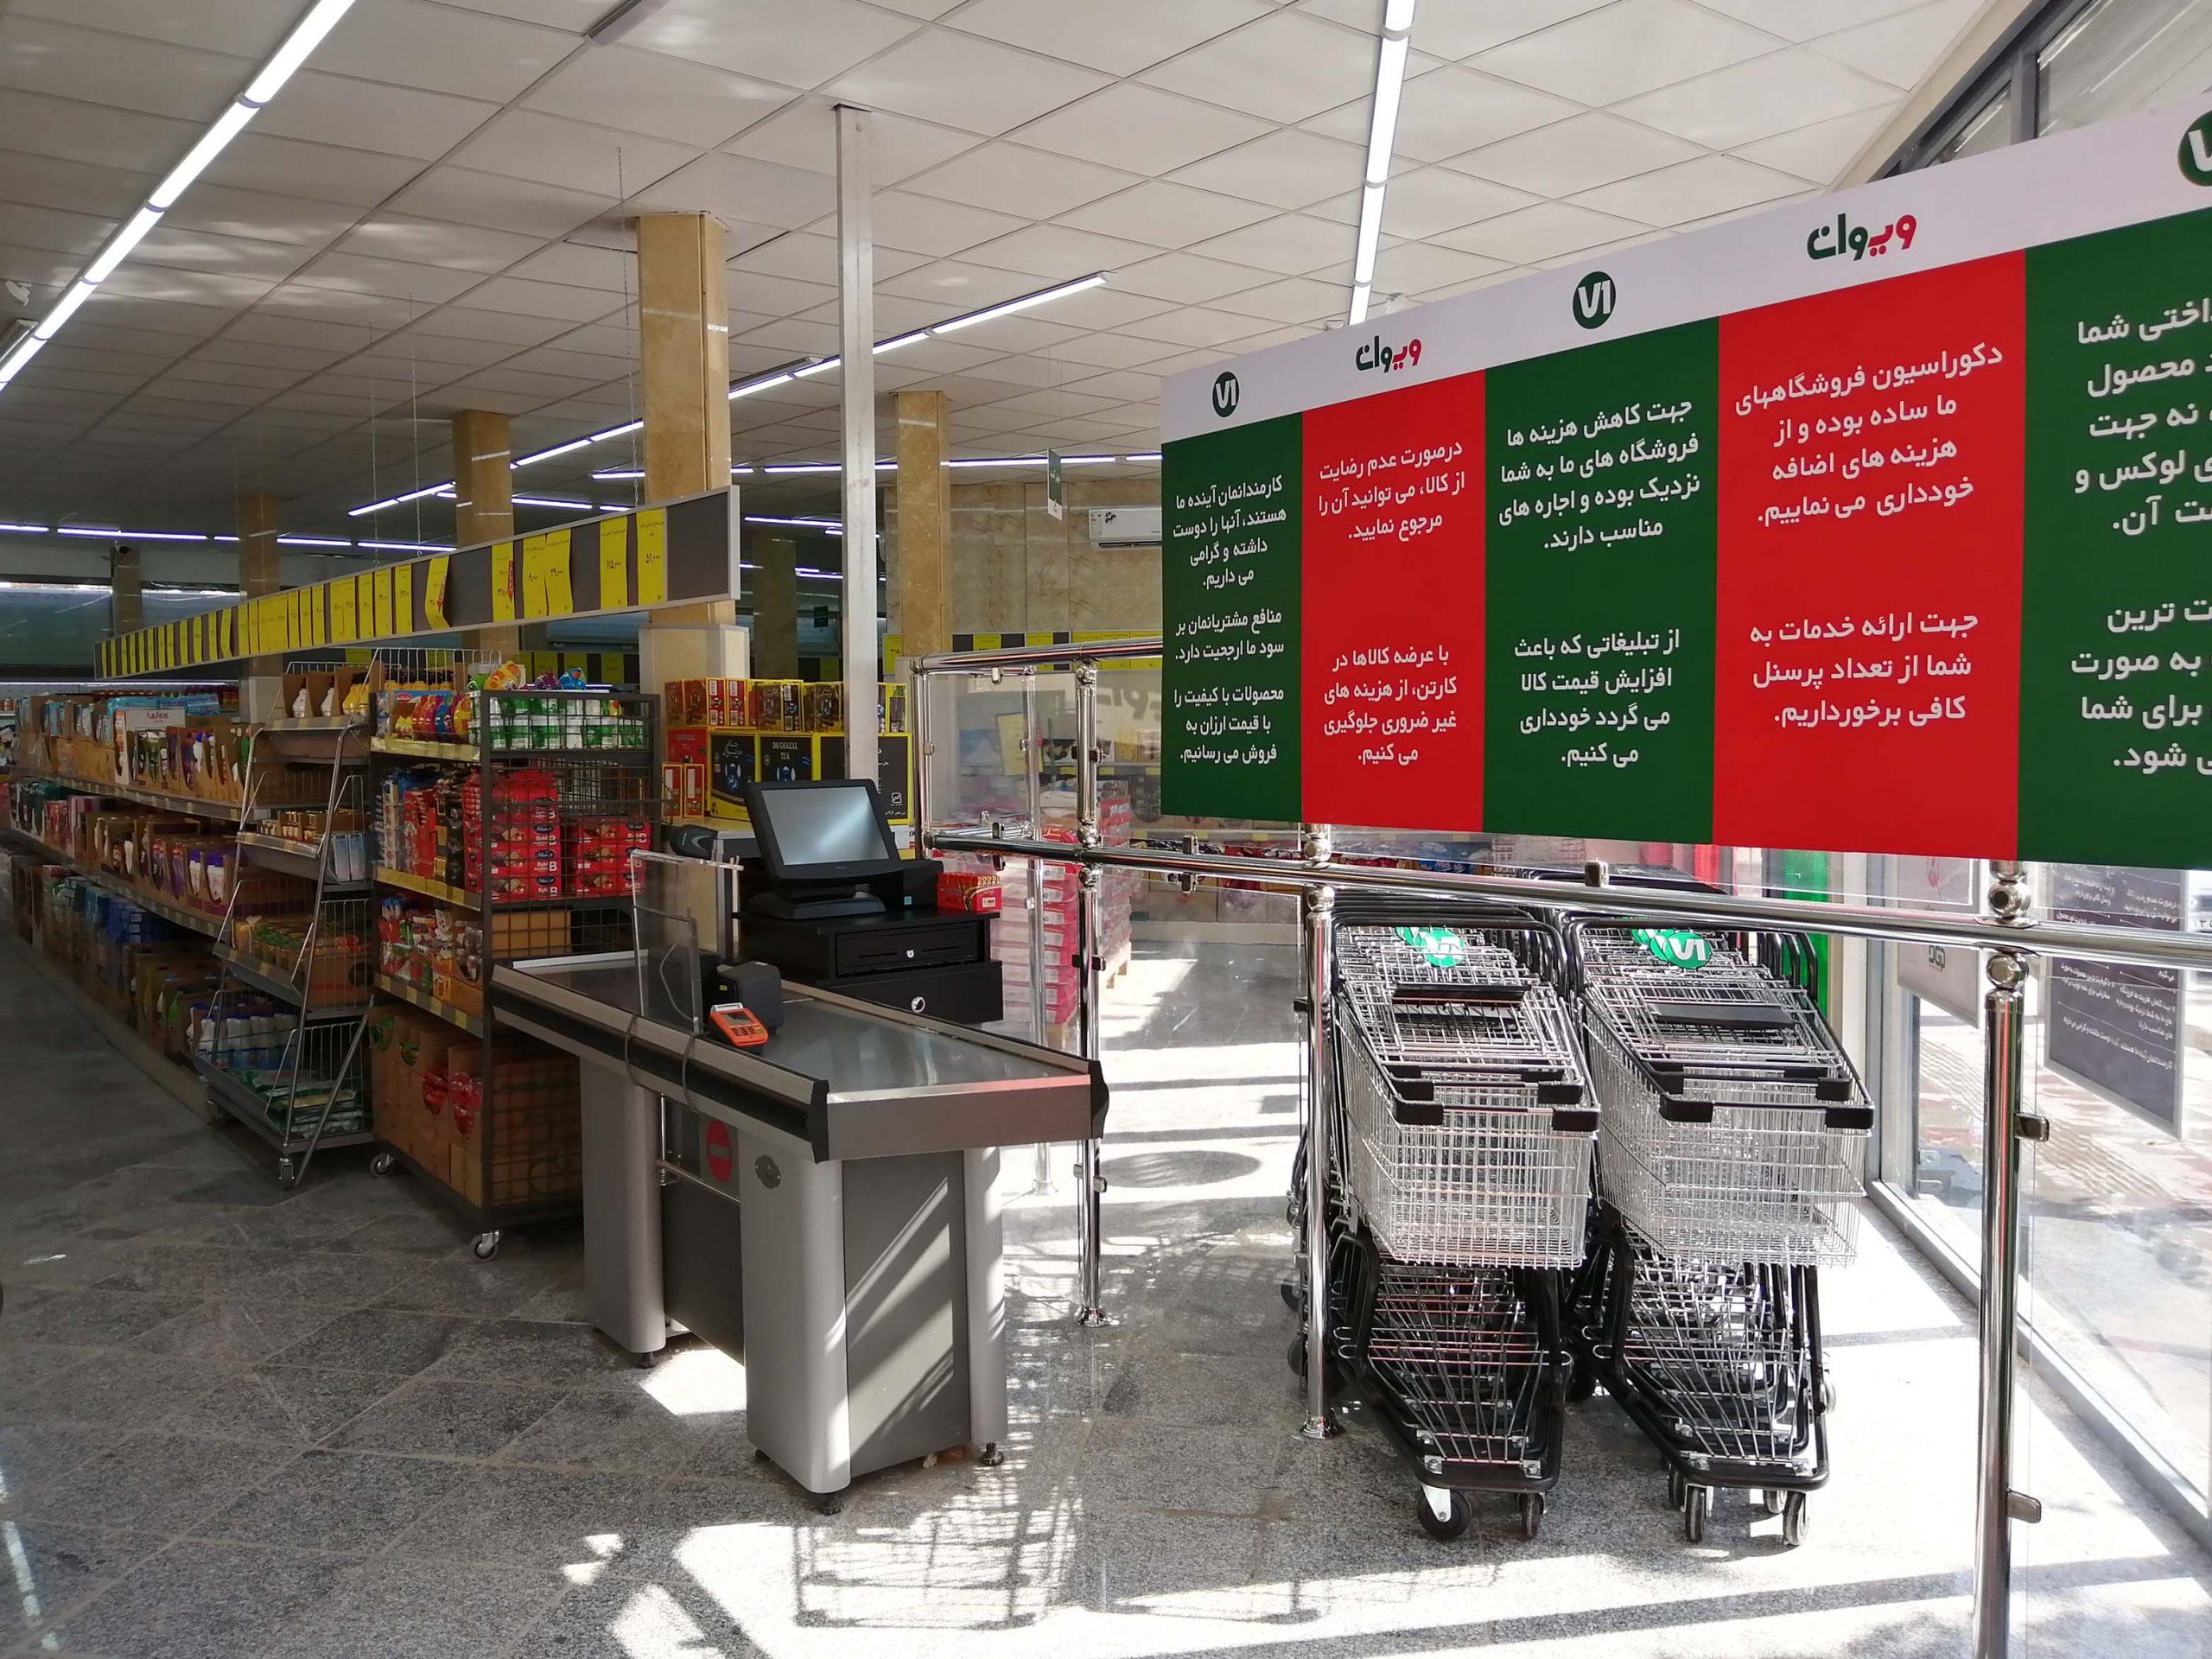 فروشگاه های زنجیره ای تخفیف ویوان در قرچک-۲۴متری افتتاج شد